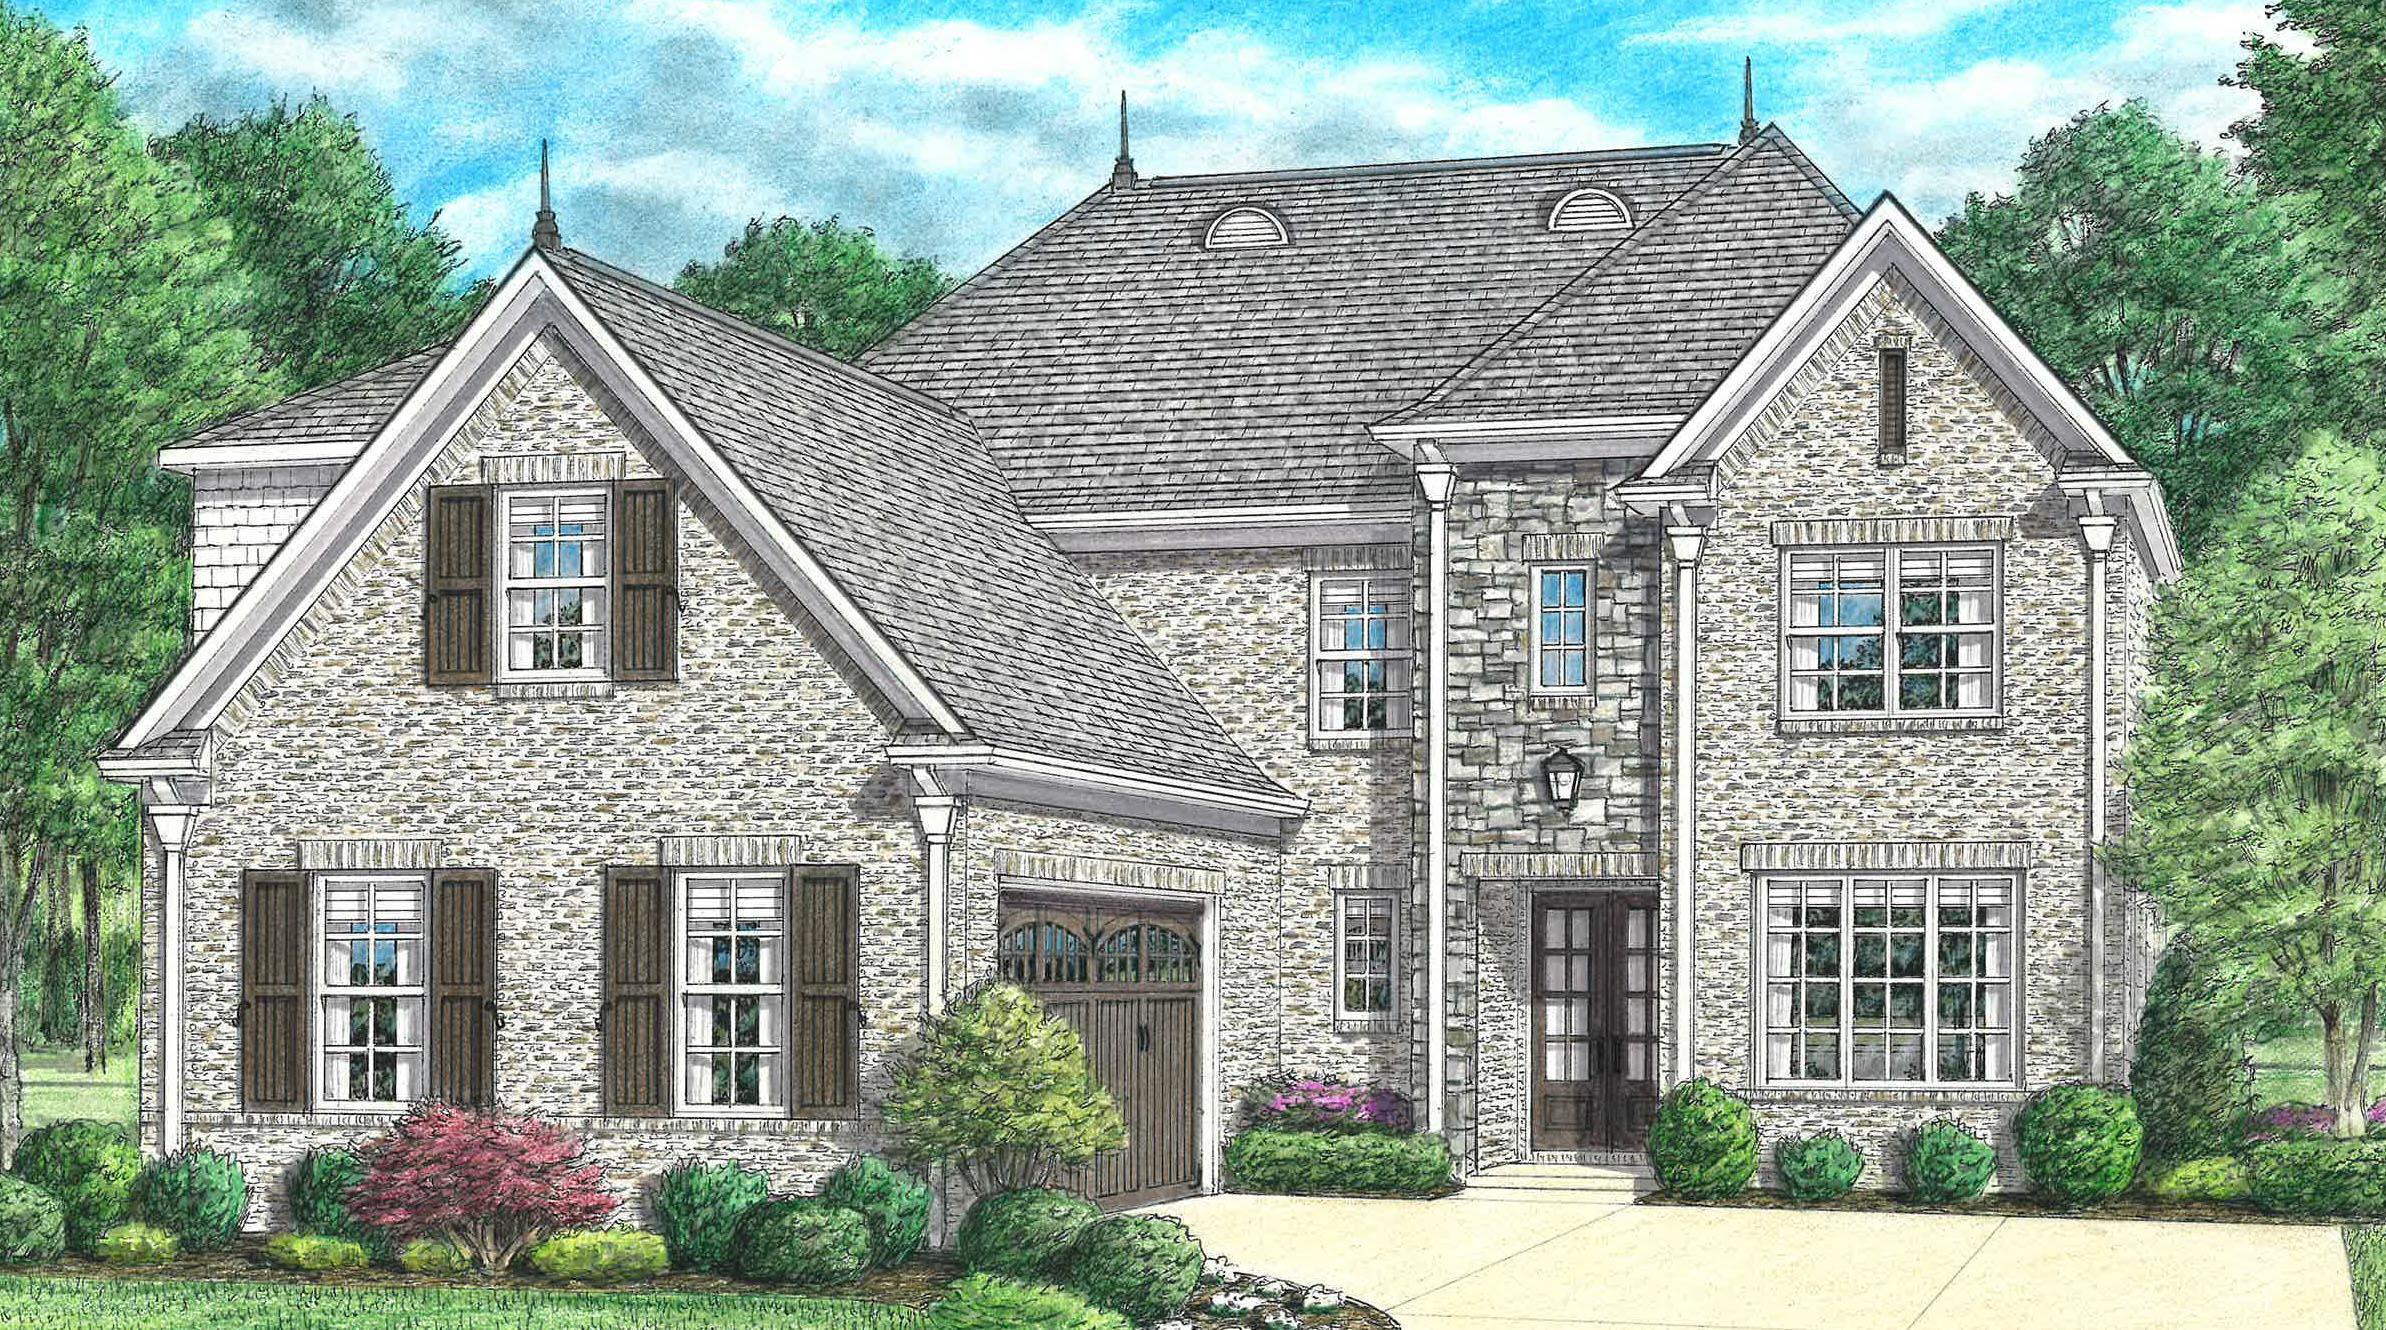 单亲家庭 为 销售 在 Parkview - Riverside 665 Covington Walk Lane South Collierville, Tennessee 38017 United States